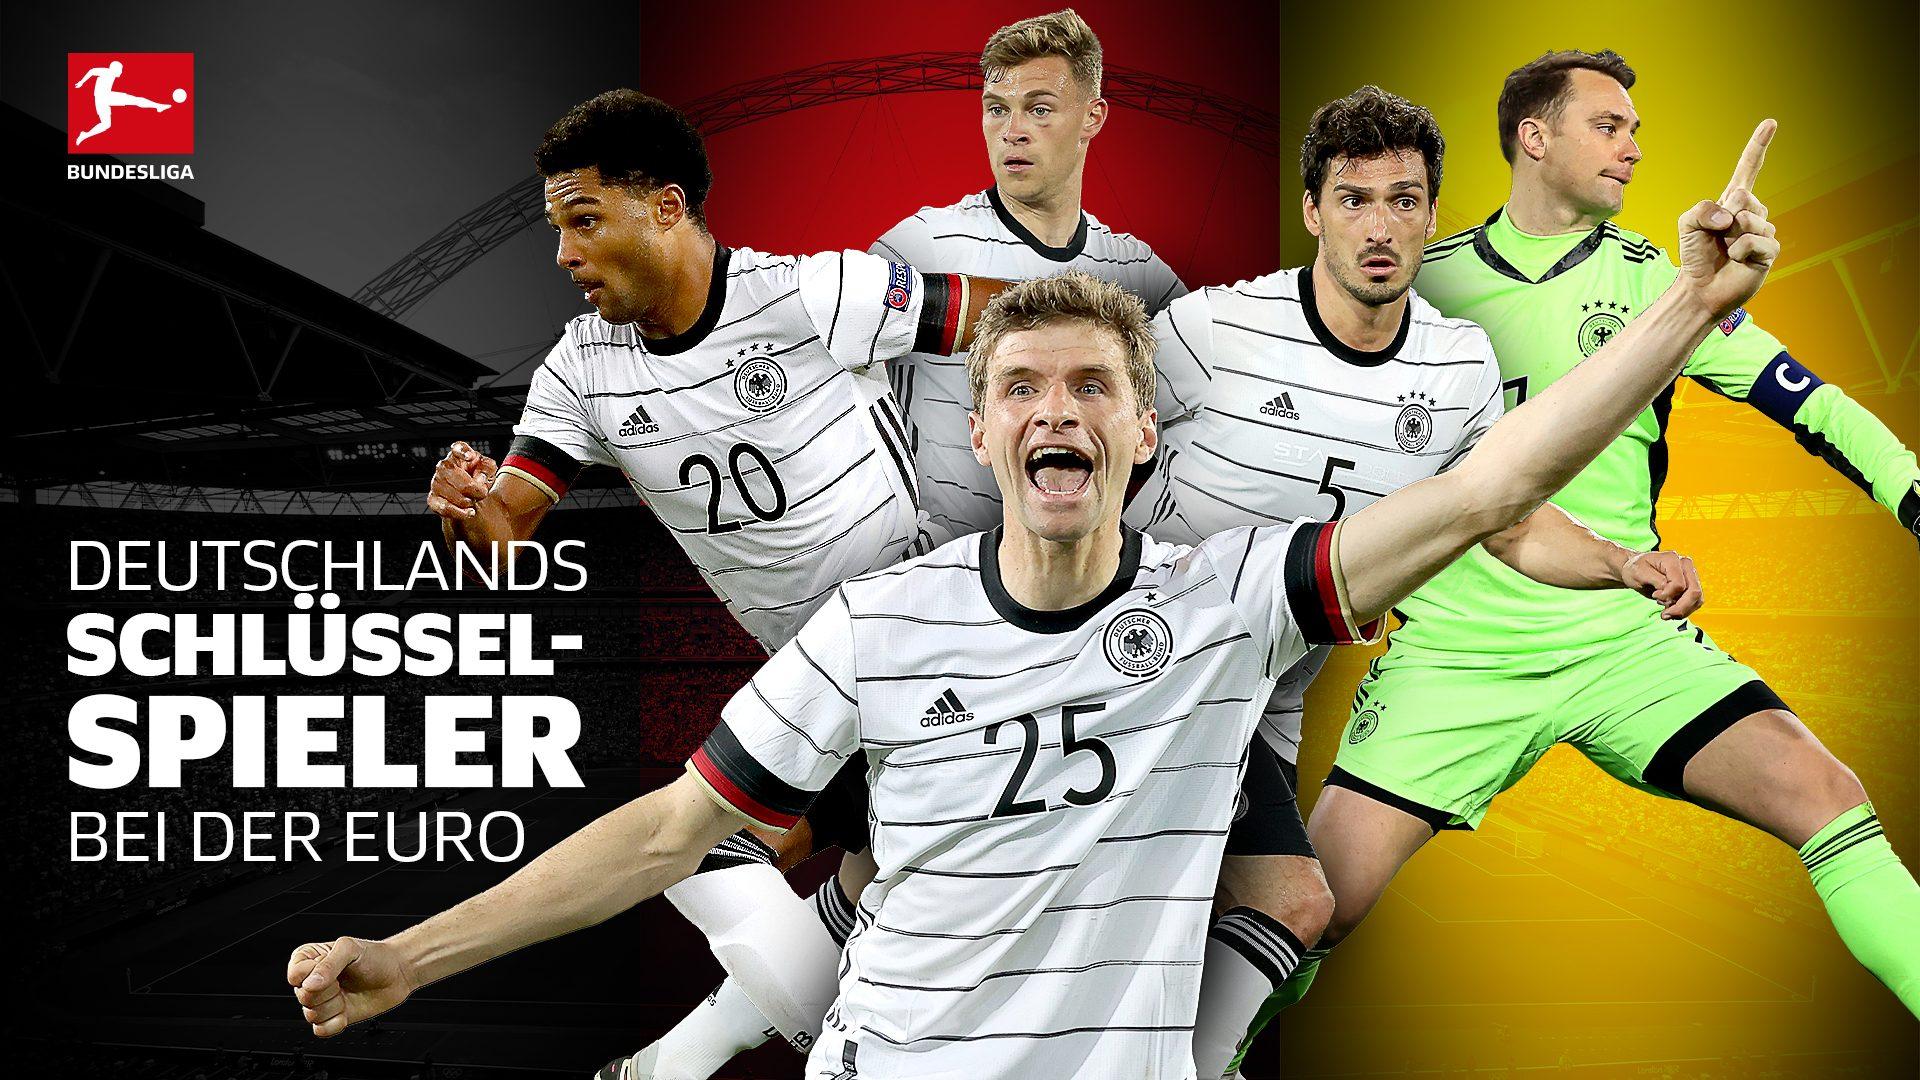 Das sind die deutschen Schlüsselspieler bei der EM